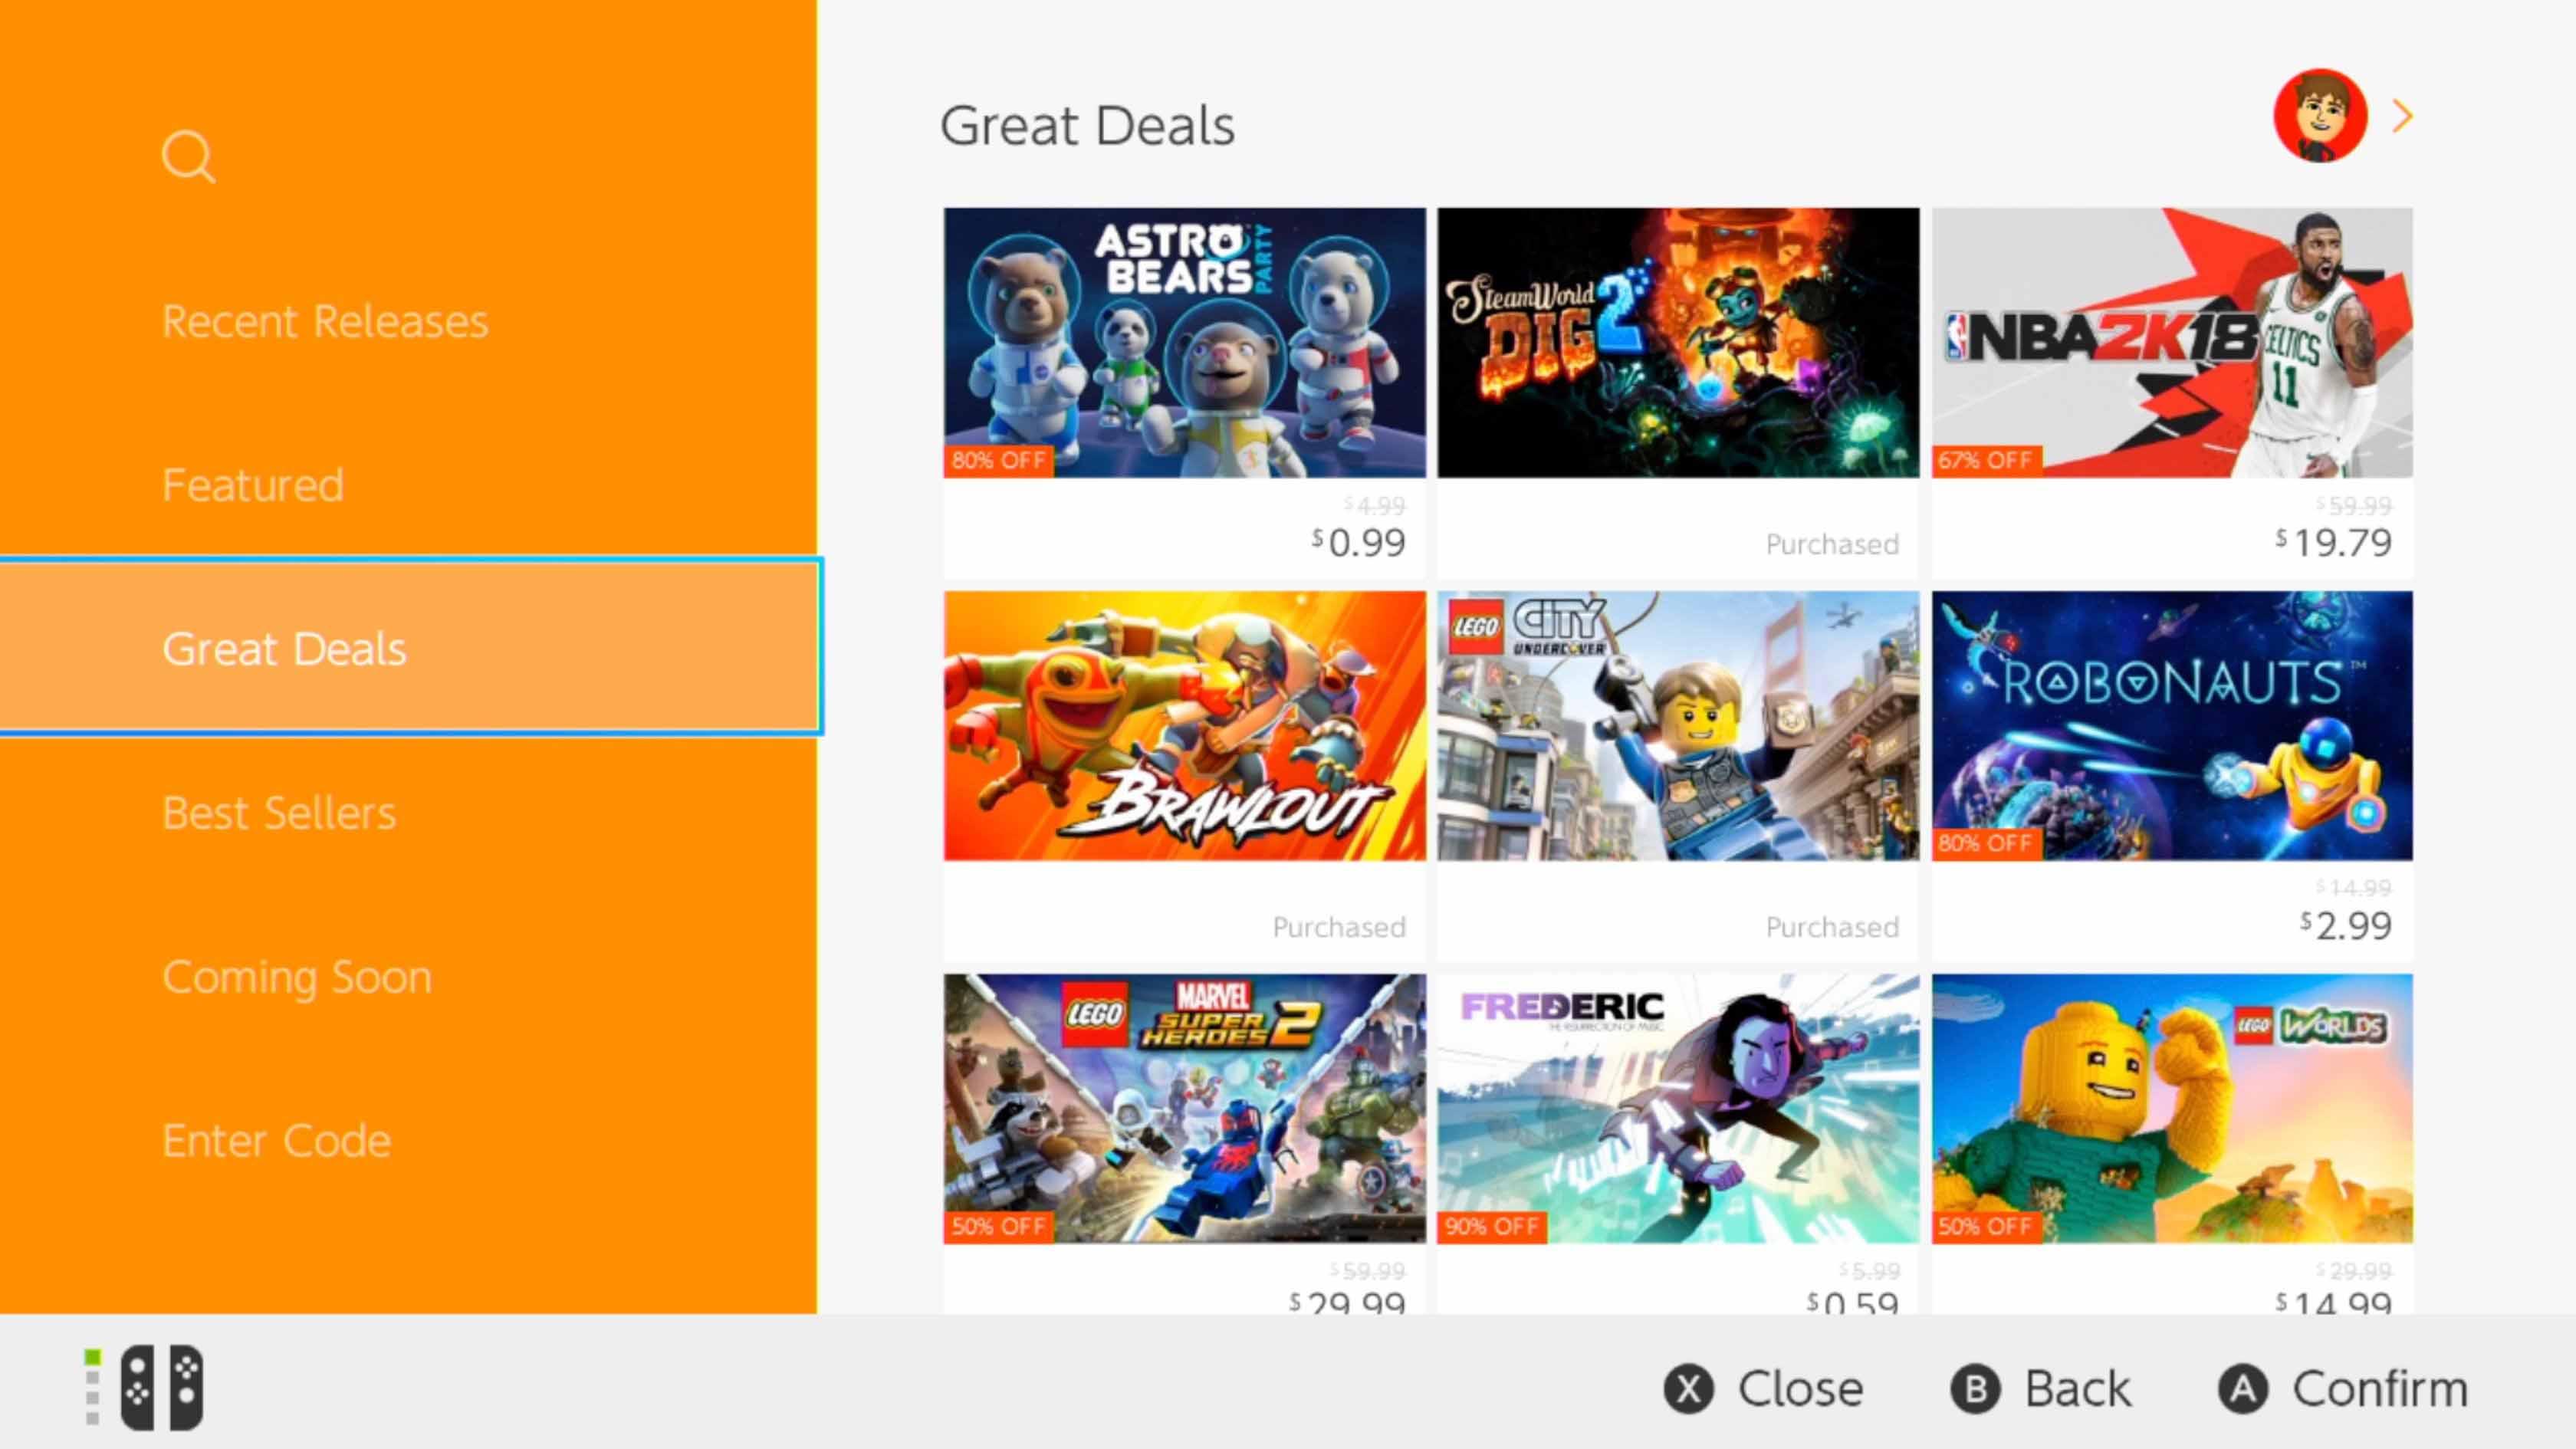 eShop Nintendo Great deals